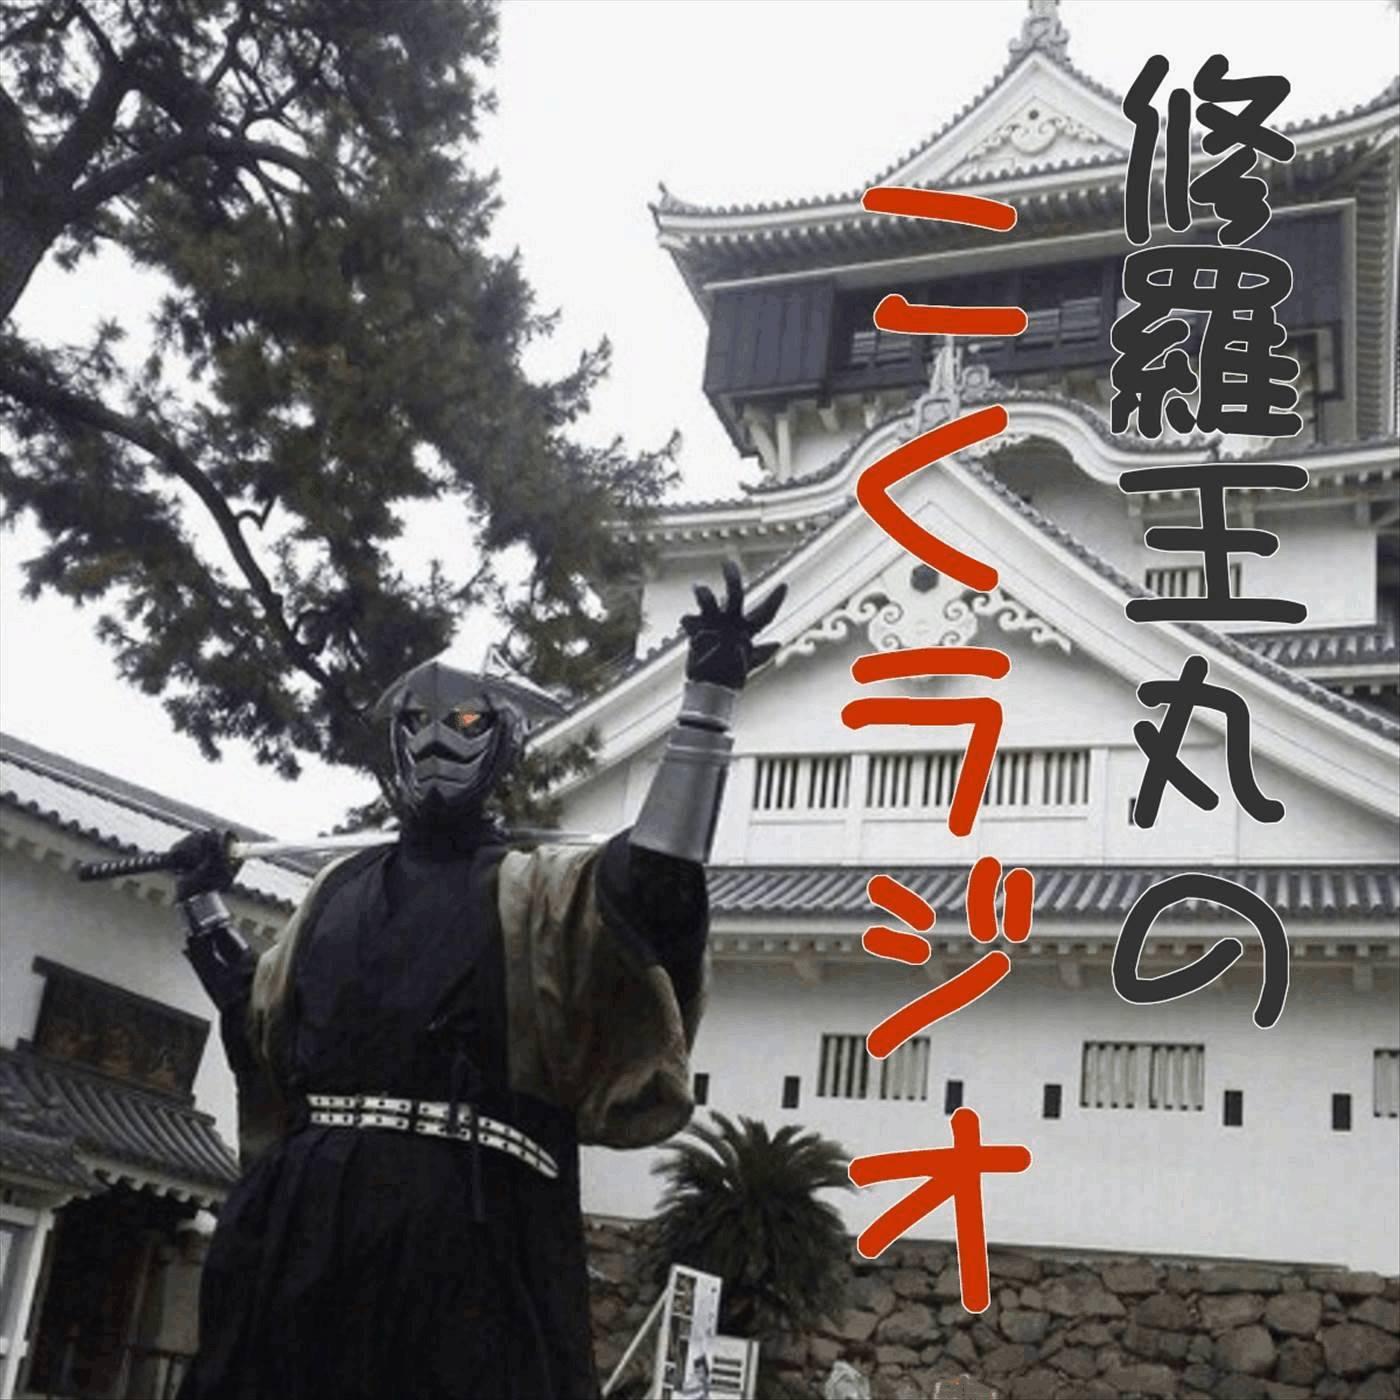 修羅王丸の、こくラジオ ~福岡のご当地ダークヒーロー「修羅王丸」が、小倉城のPRや「こく」に関する話題で地元を盛り上げるラジオ~